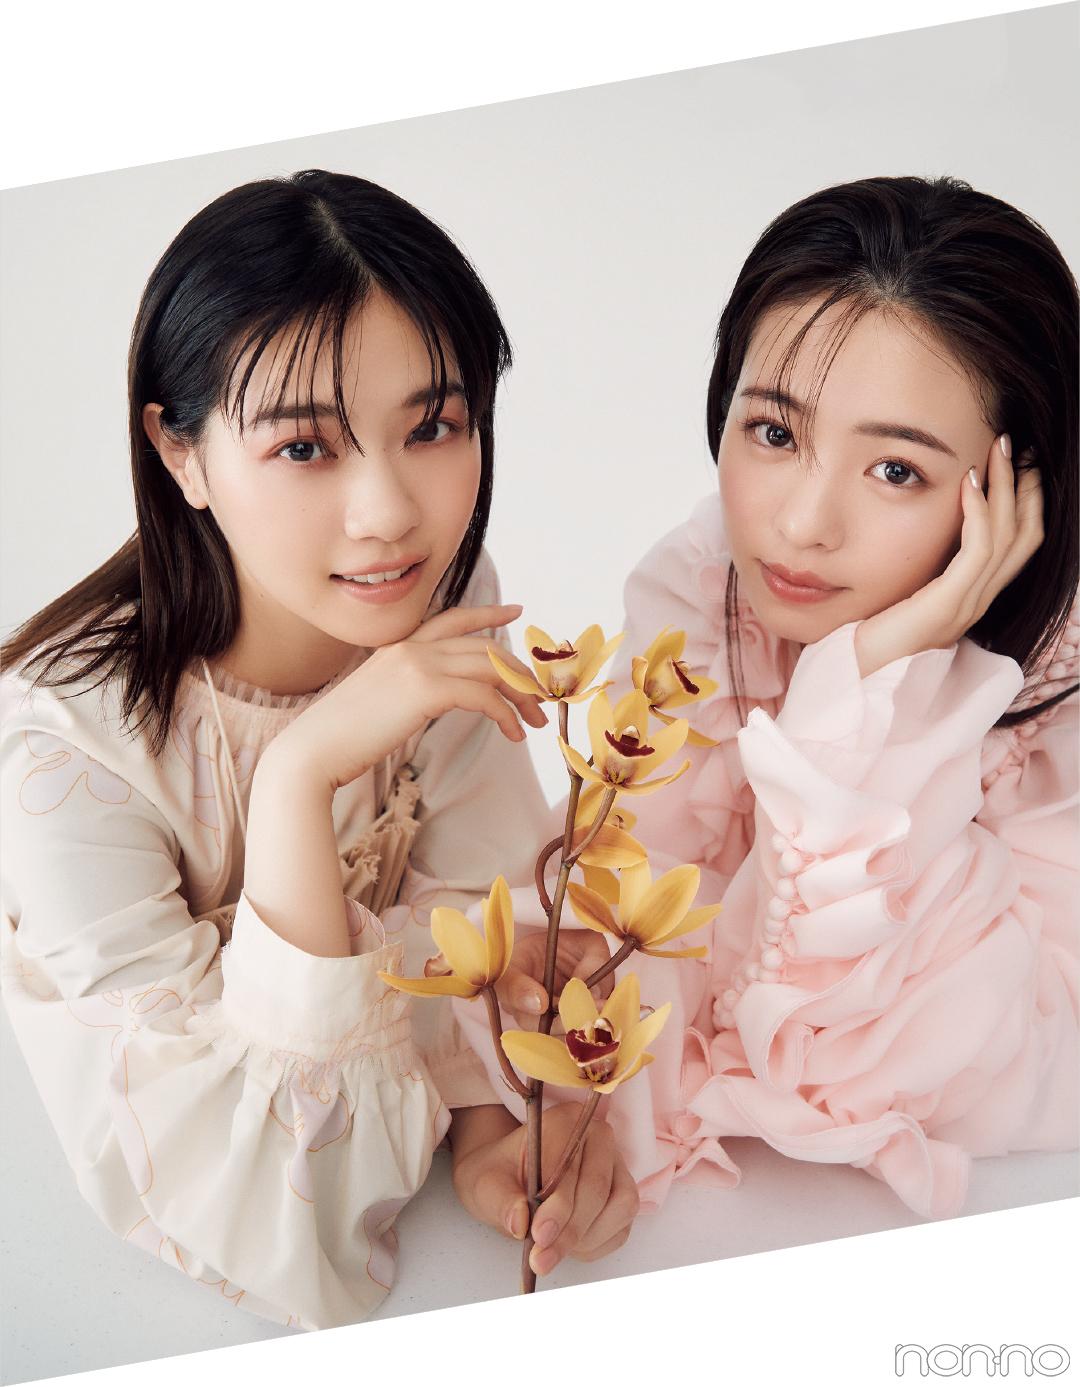 ドラマ『ホットママ』で初共演、西野七瀬×横田真悠対談